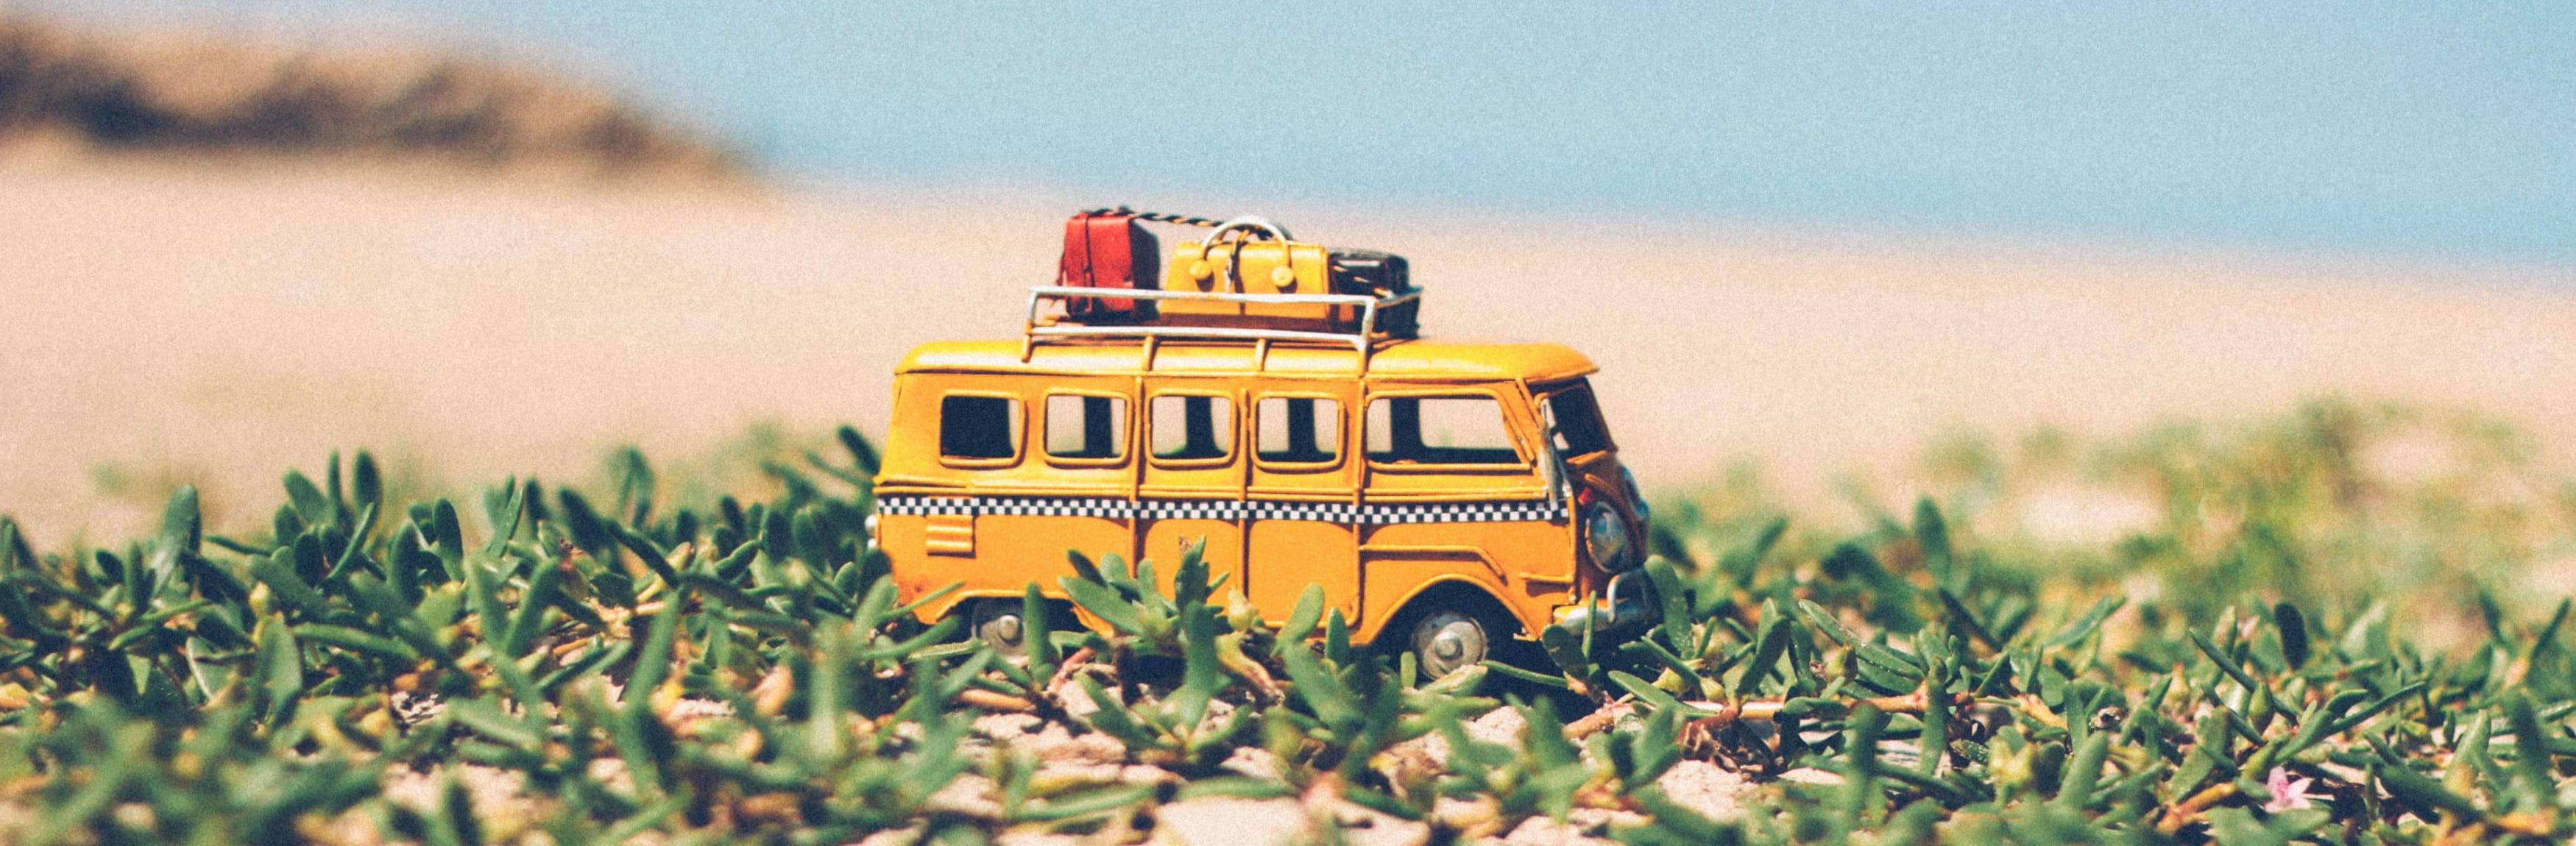 Försäkring vid uthyrning av husbil eller husvagn